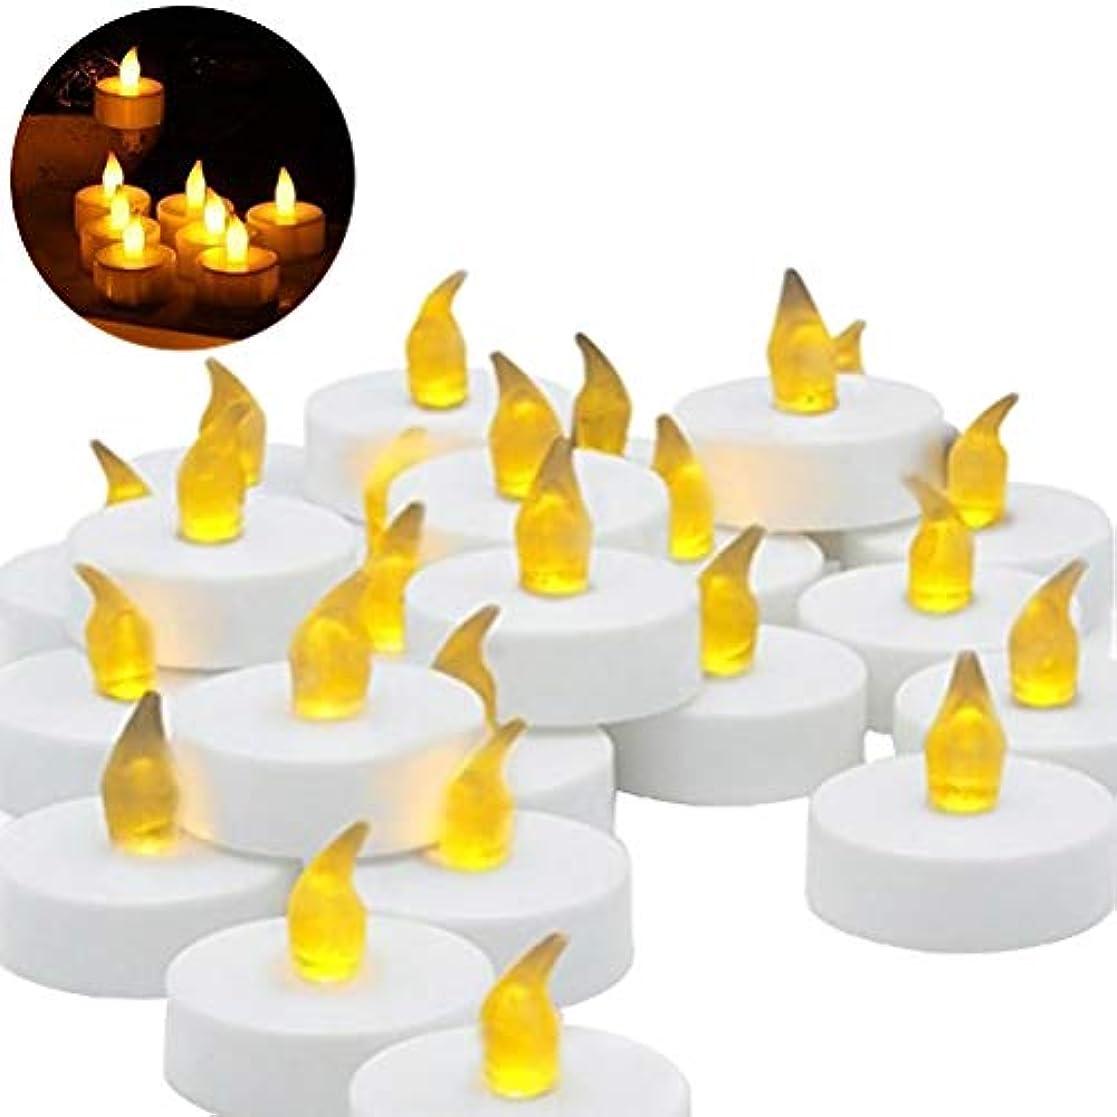 予防接種する空港キャプチャーLEDMOMO キャンドル LED 誕生日キャンドル プラスチック 無炎 フェスティバル 祭り 祝賀(白)